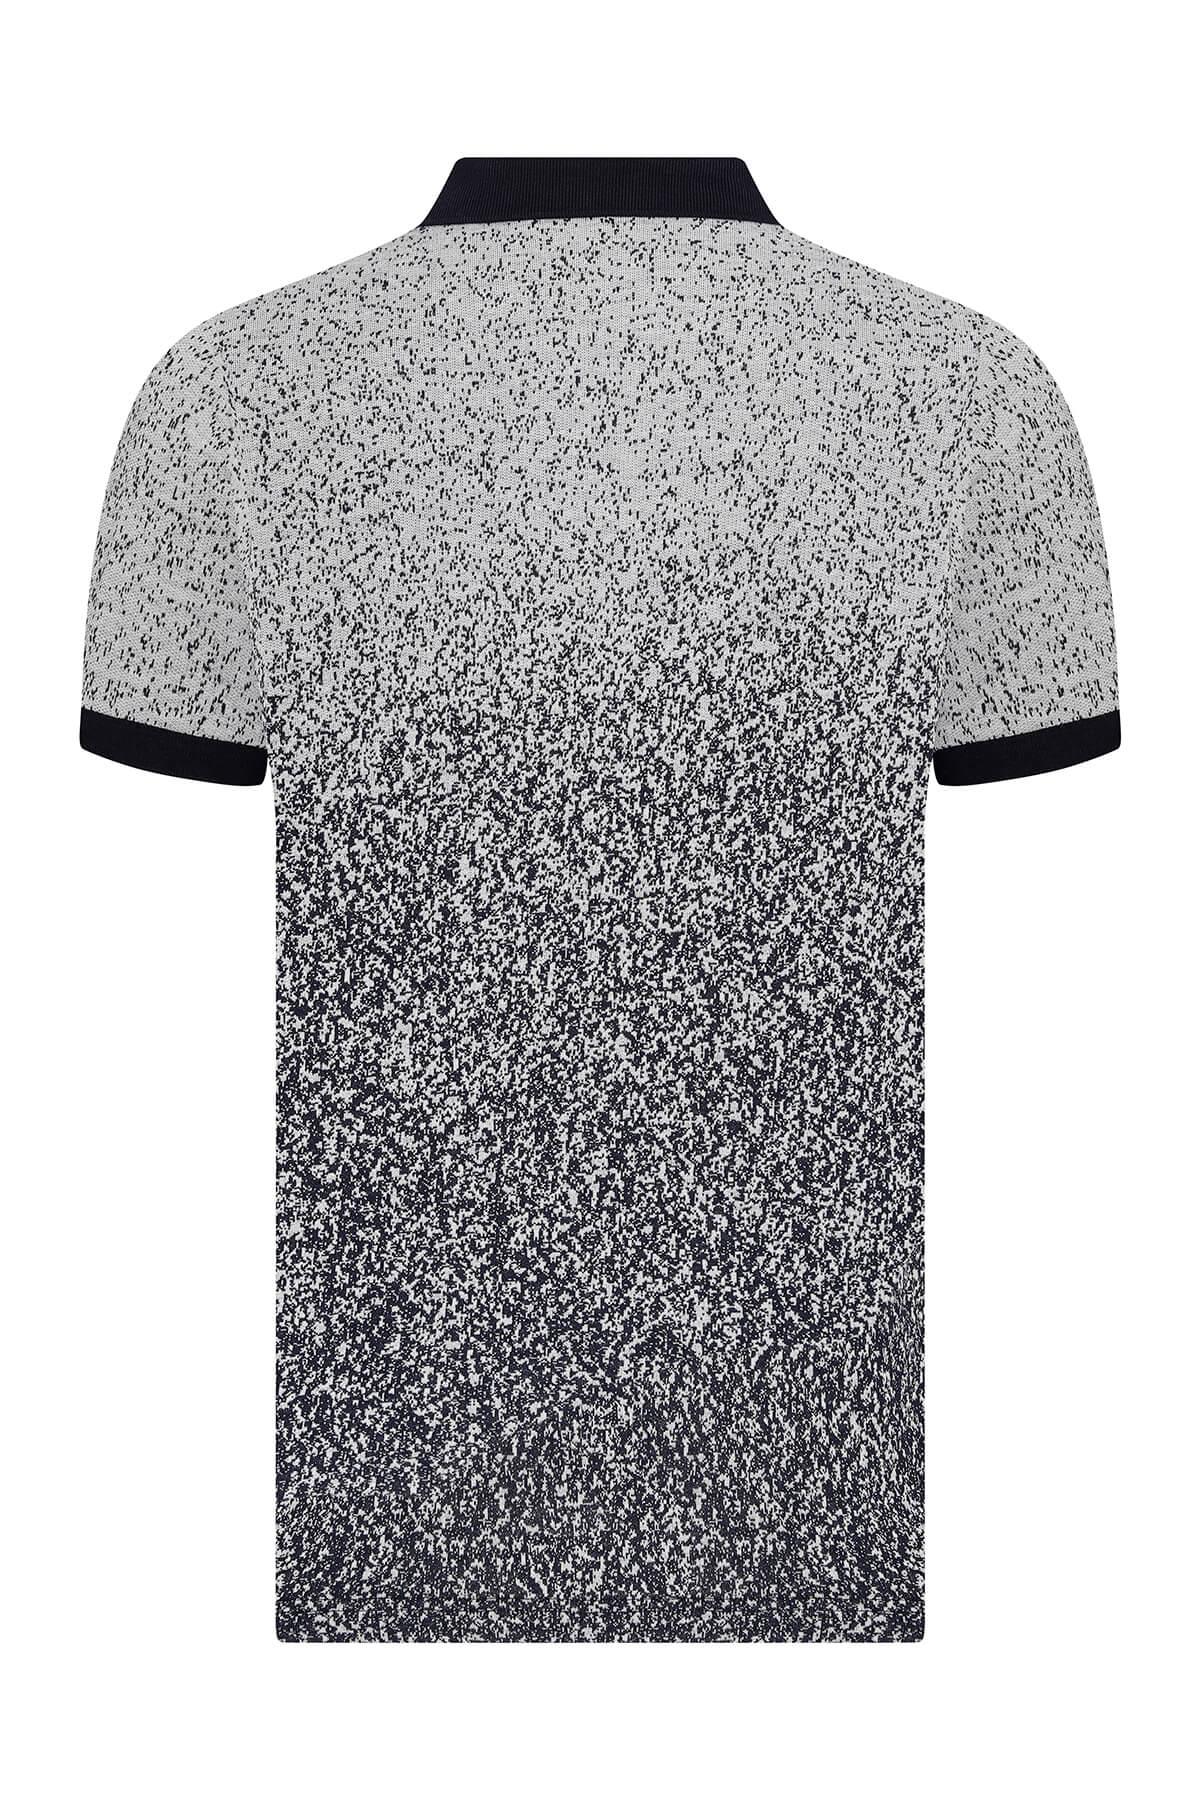 Gri Baskılı Lacivert Polo Yaka Tişört